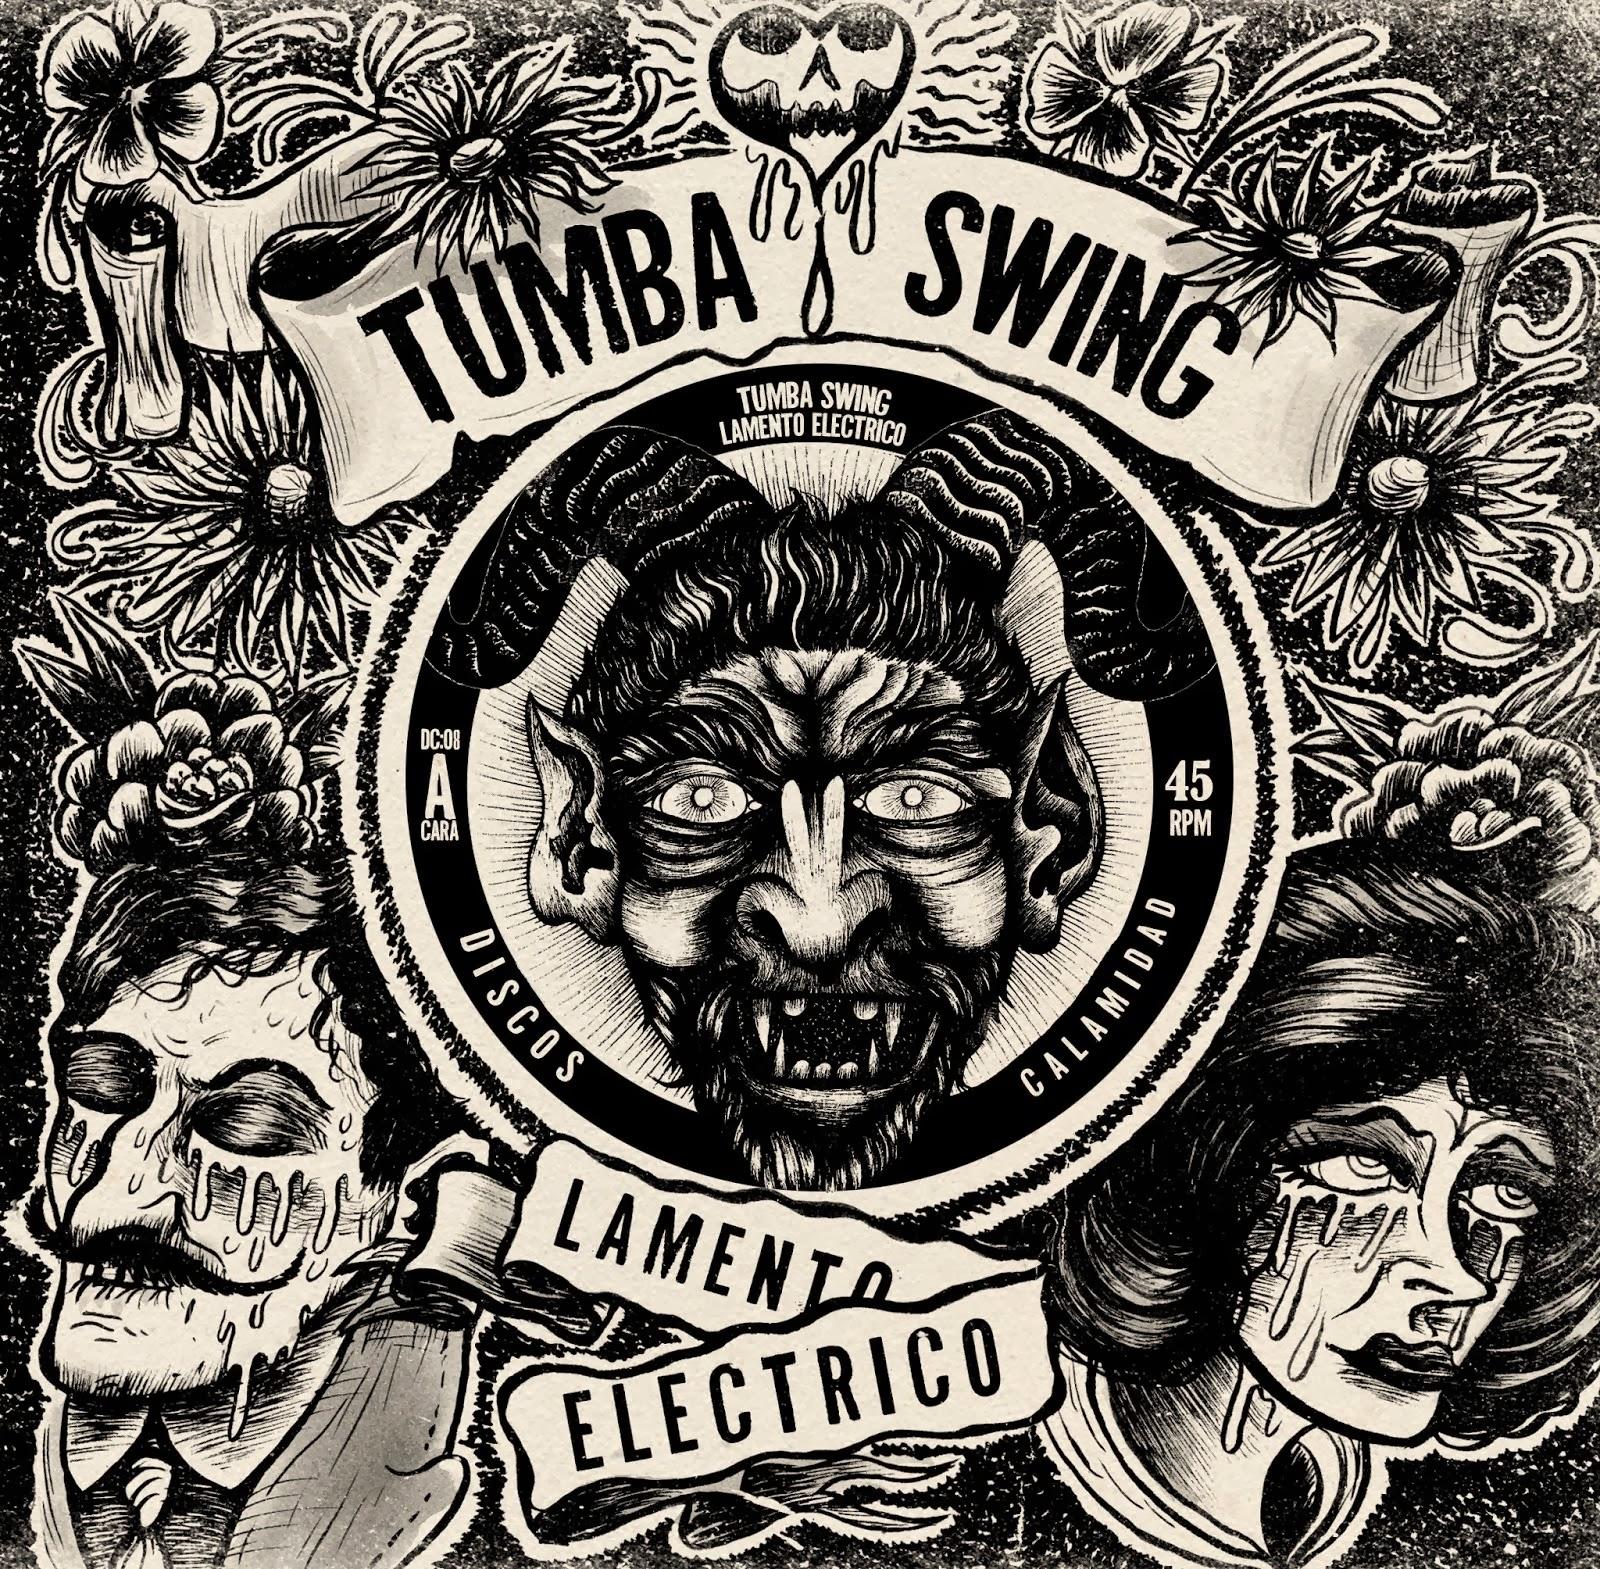 Tumba Swing onemanband